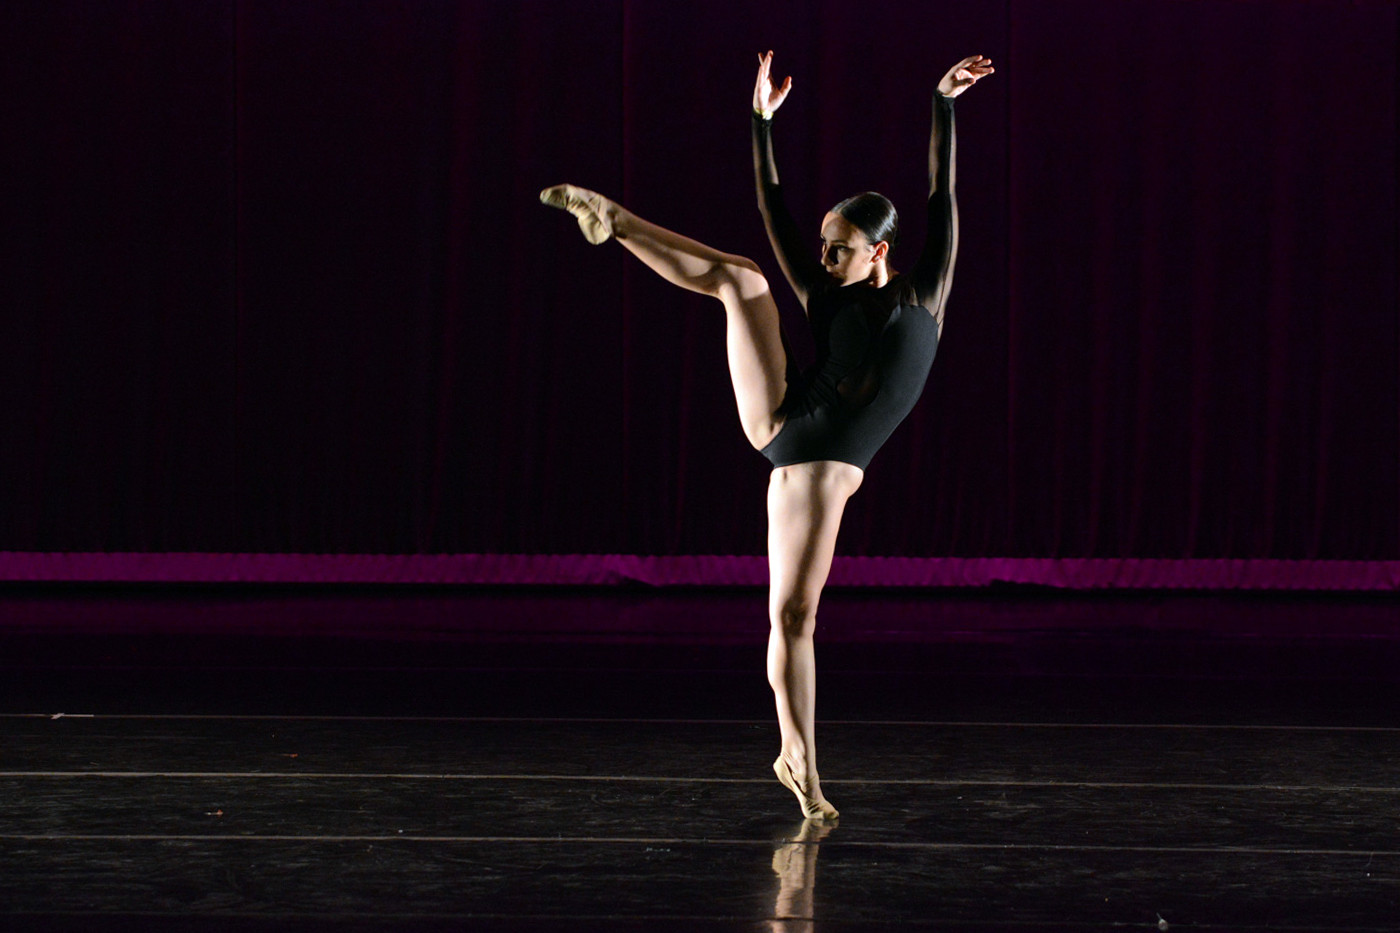 Prêmio Internacional de Dança de São Paulo